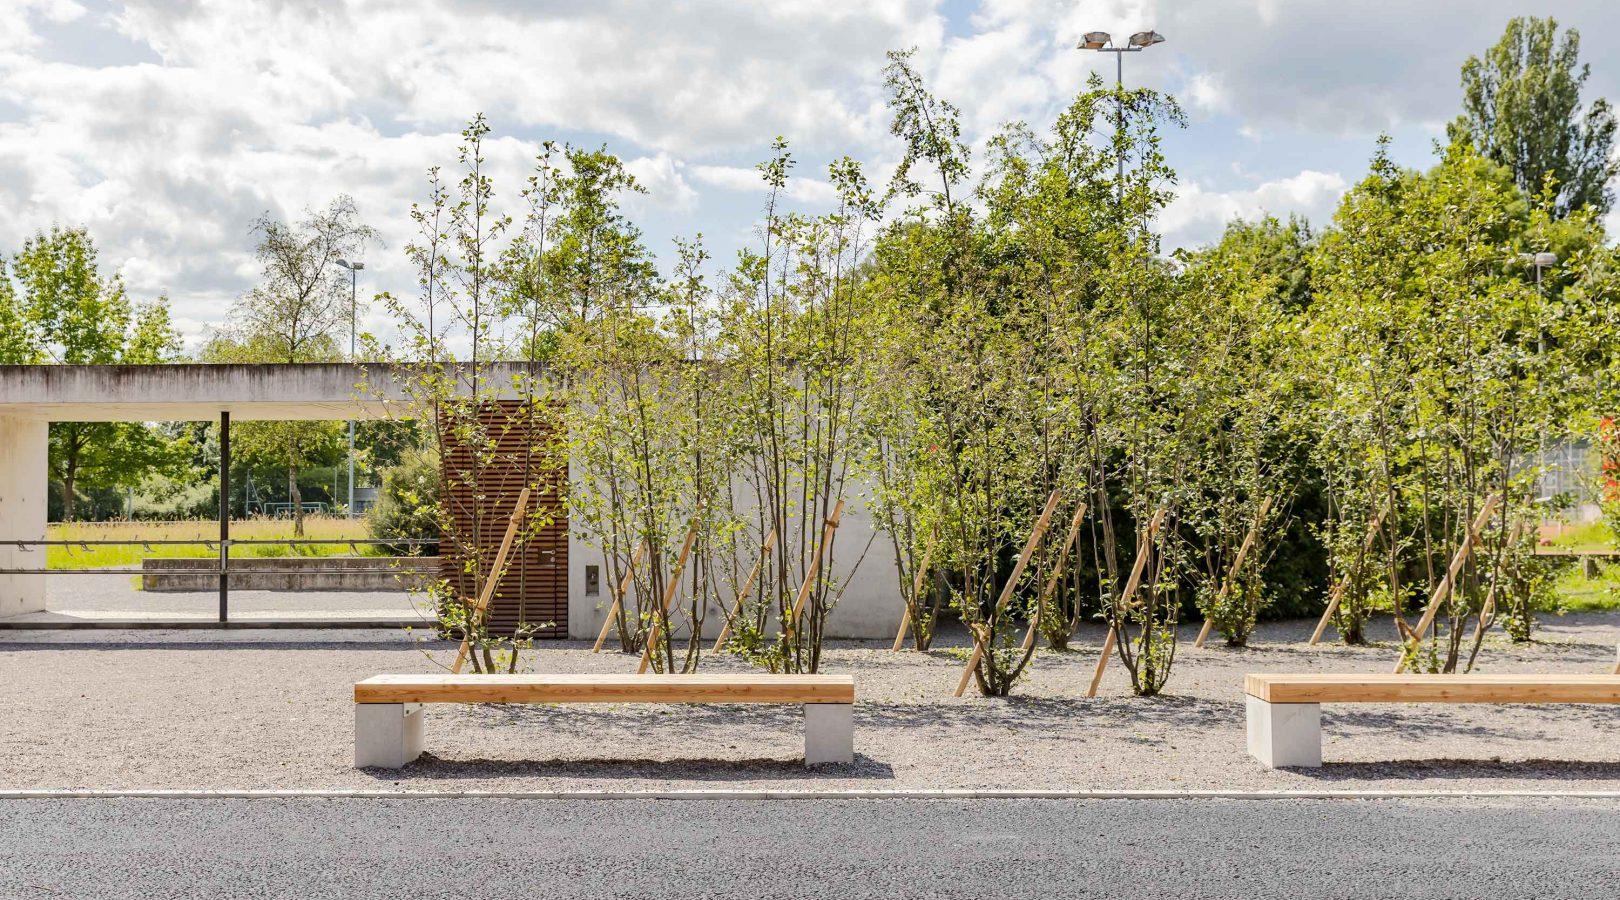 Schule Garteneinrichtung Bepflanzung Zug